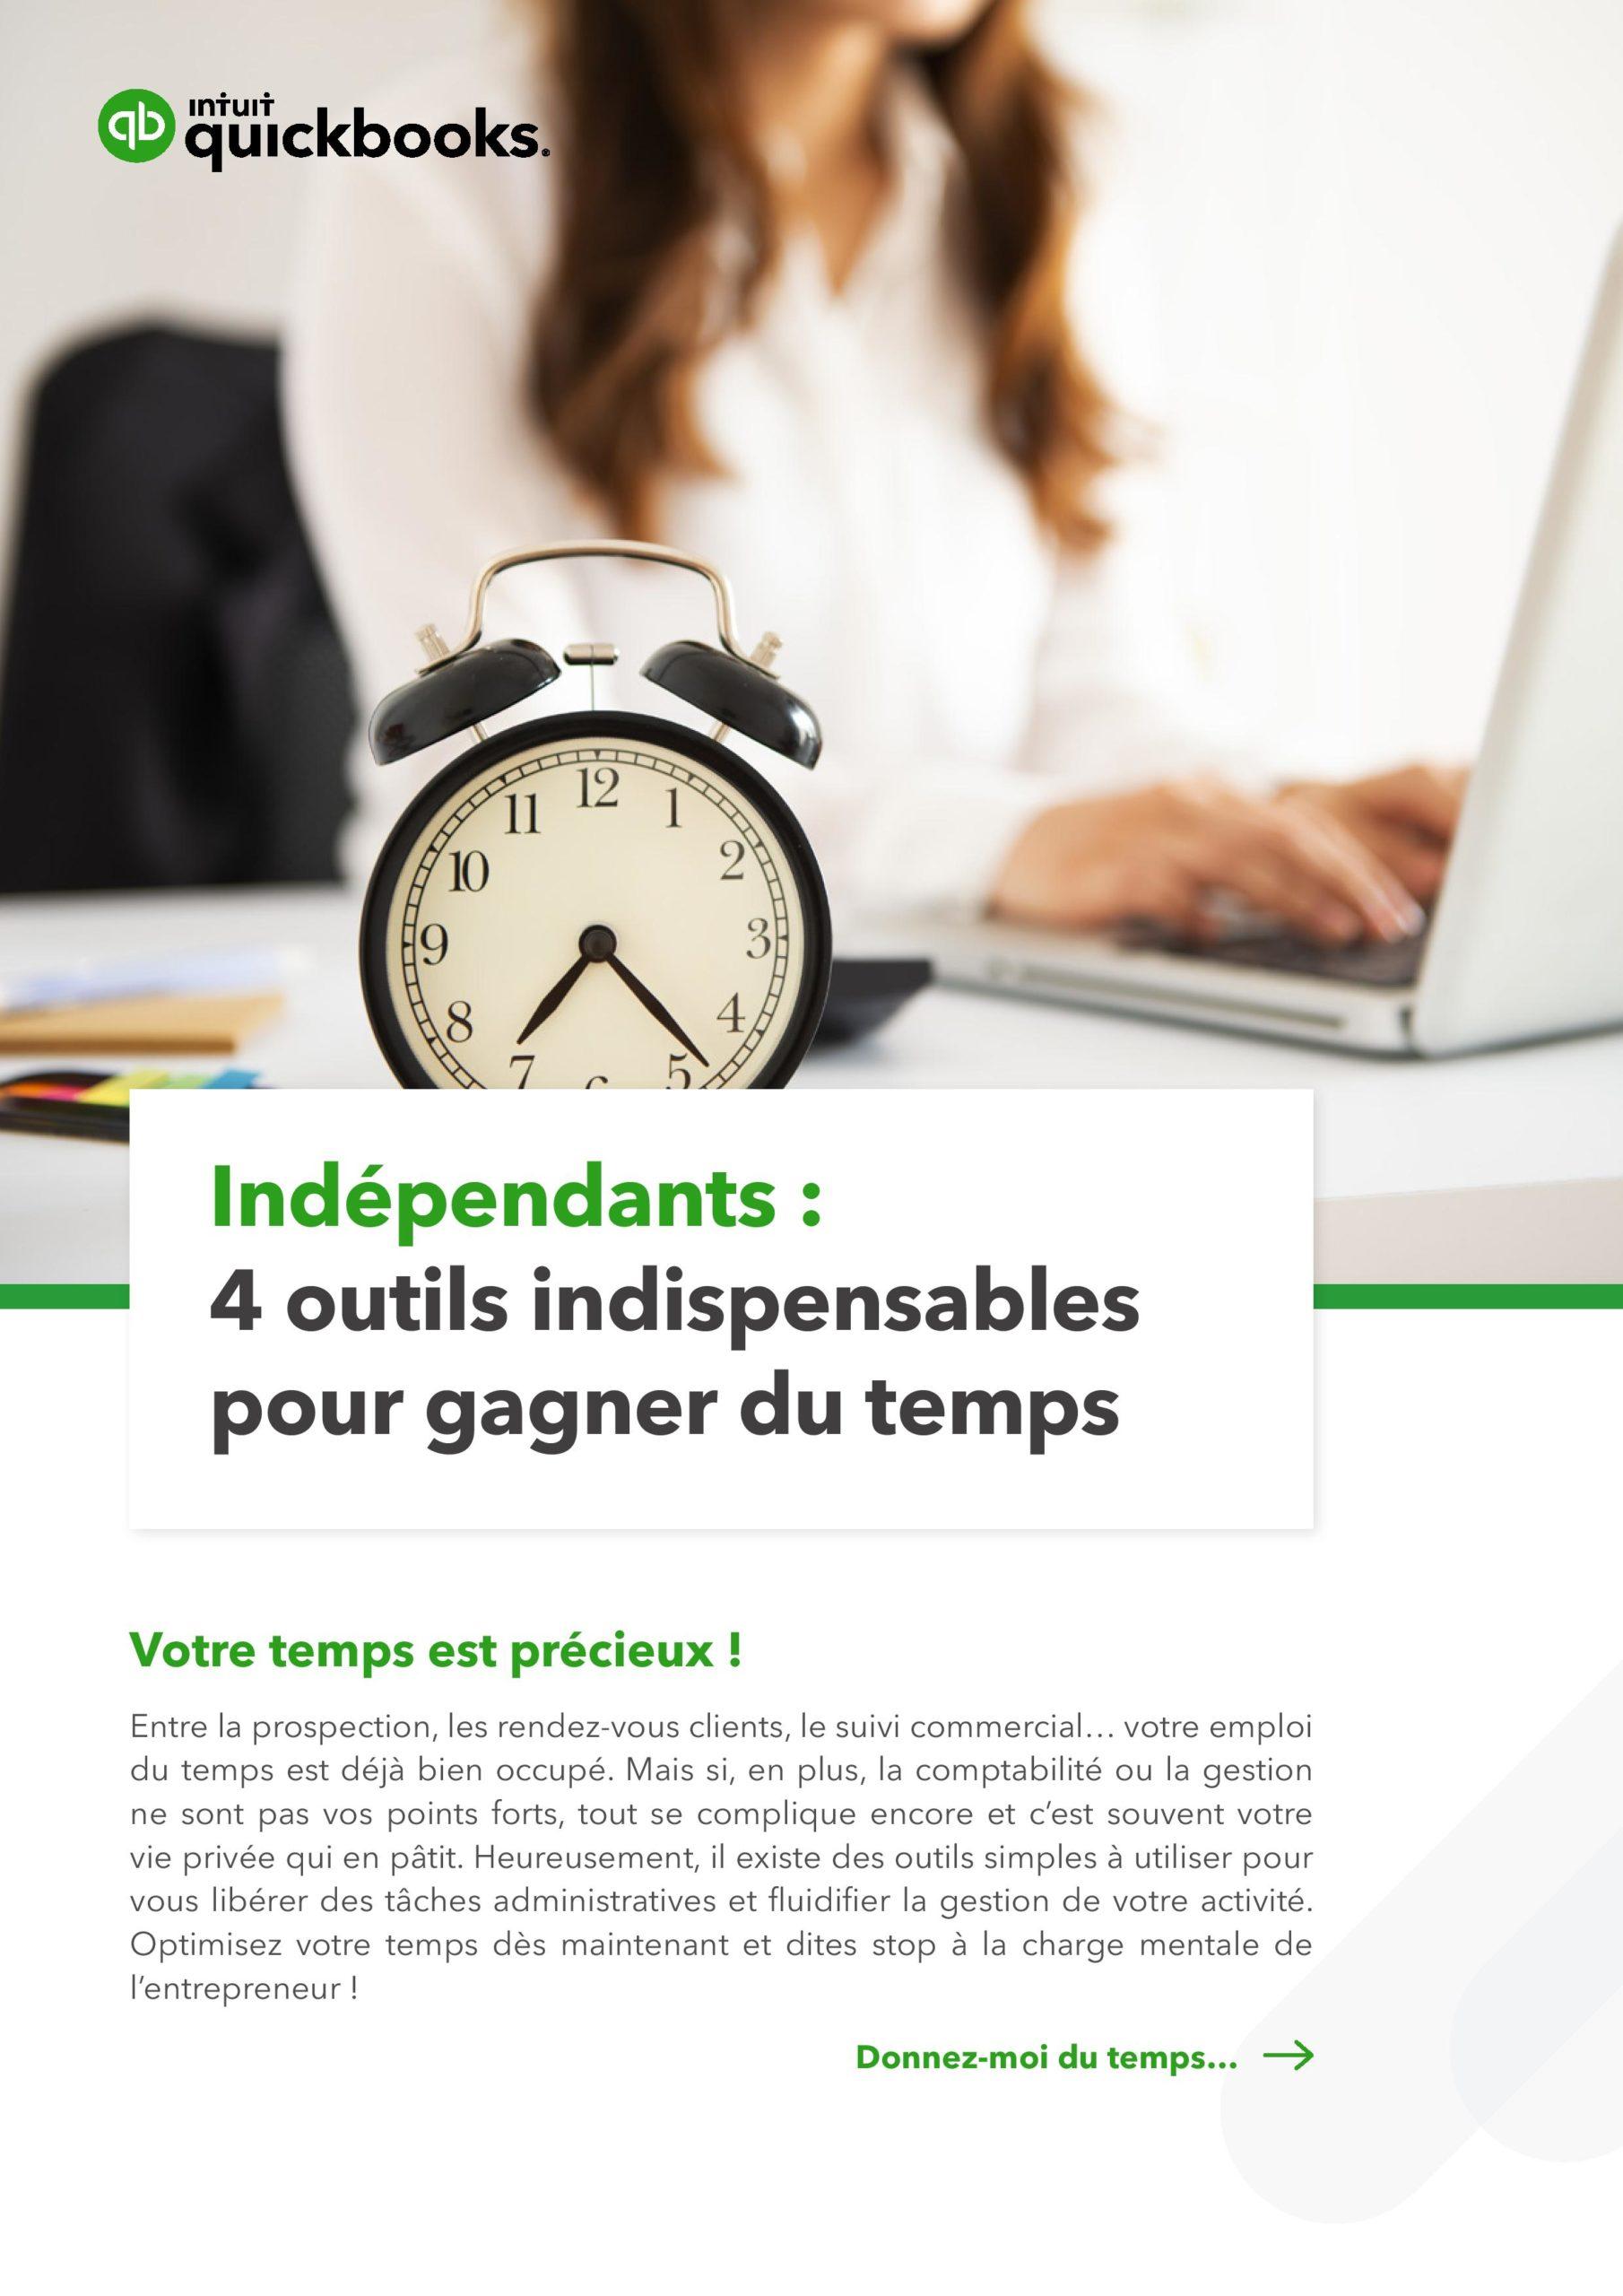 Intuit QuickBooks – Indépendants: 4 outils indispensables pour gagner du temps